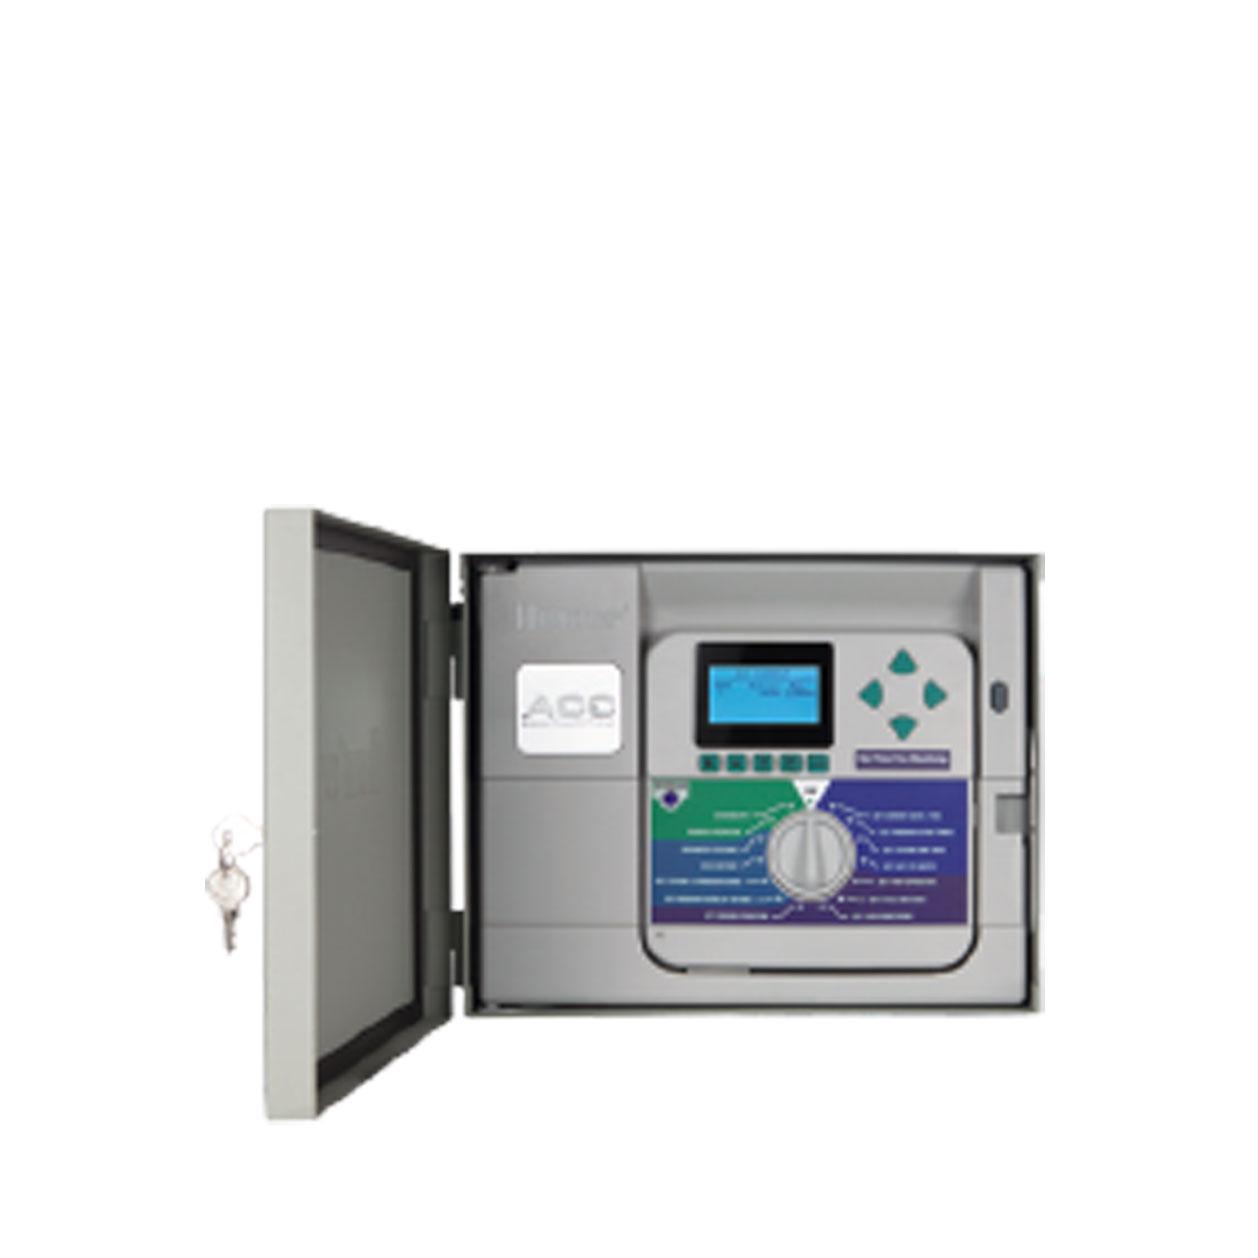 ACC 12 Station base Unit Sprinkler Controller